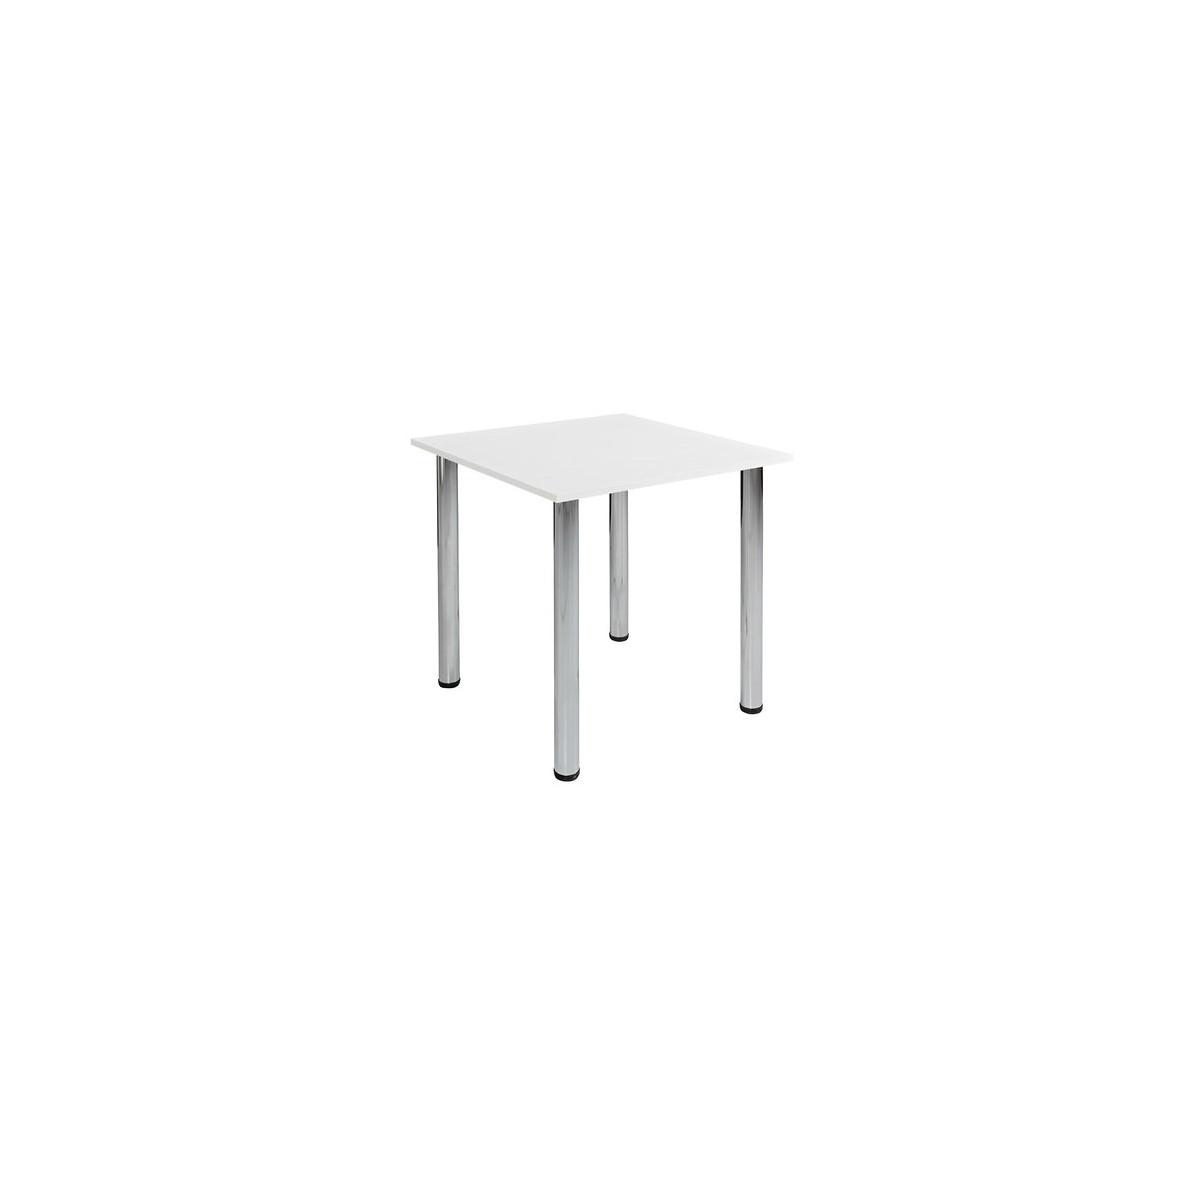 Stół Mikla biały alpejski